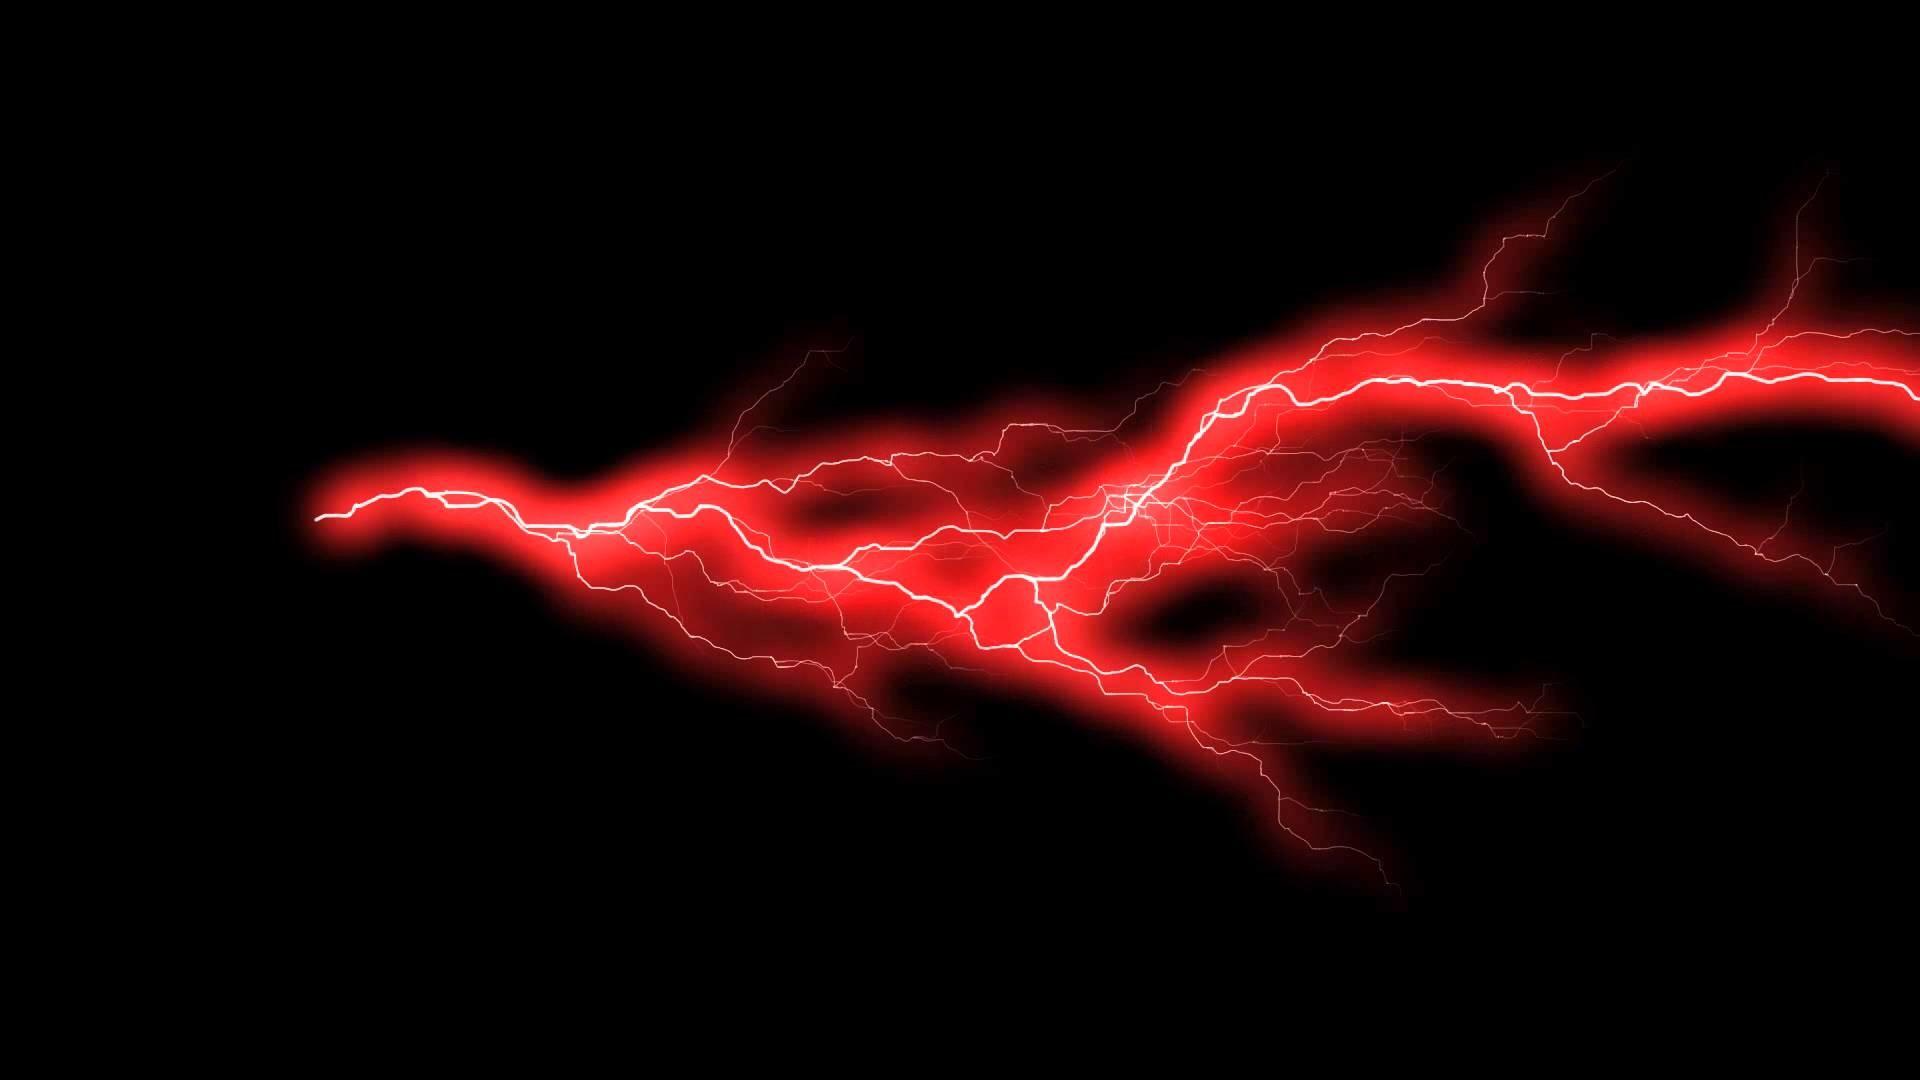 3d Laser Wallpapers Lightning Bolt Background 183 ①